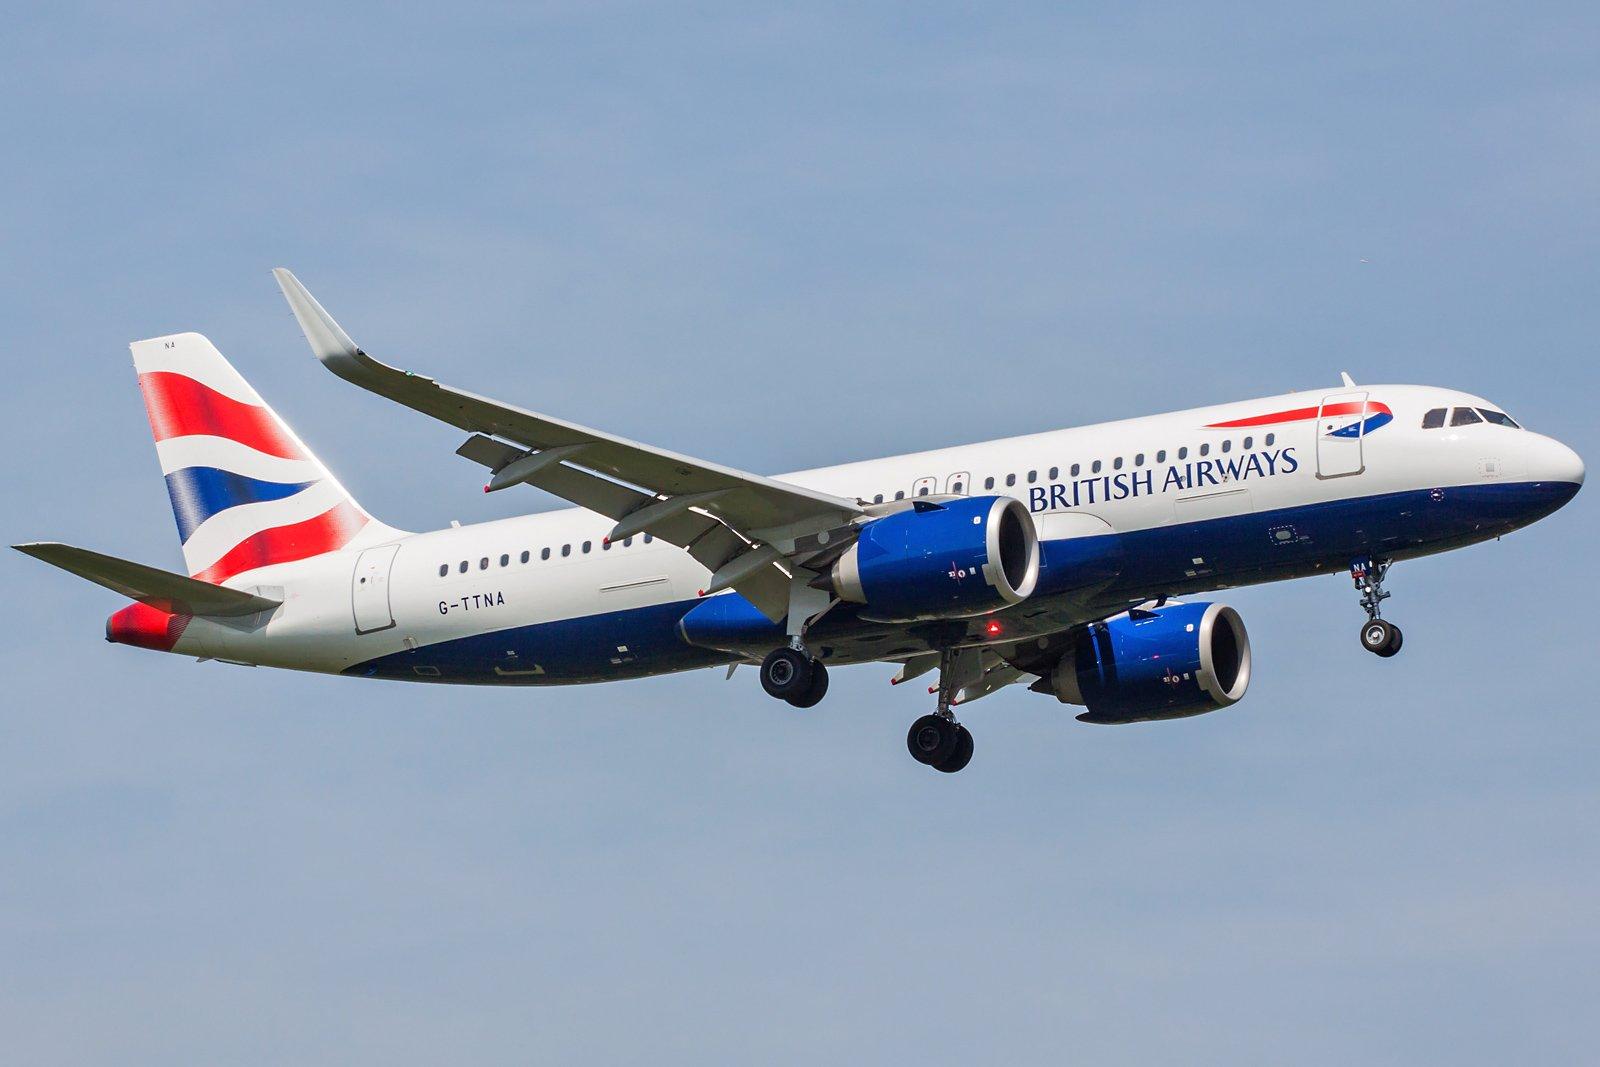 British Airways Airbus A320-251N G-TTNA